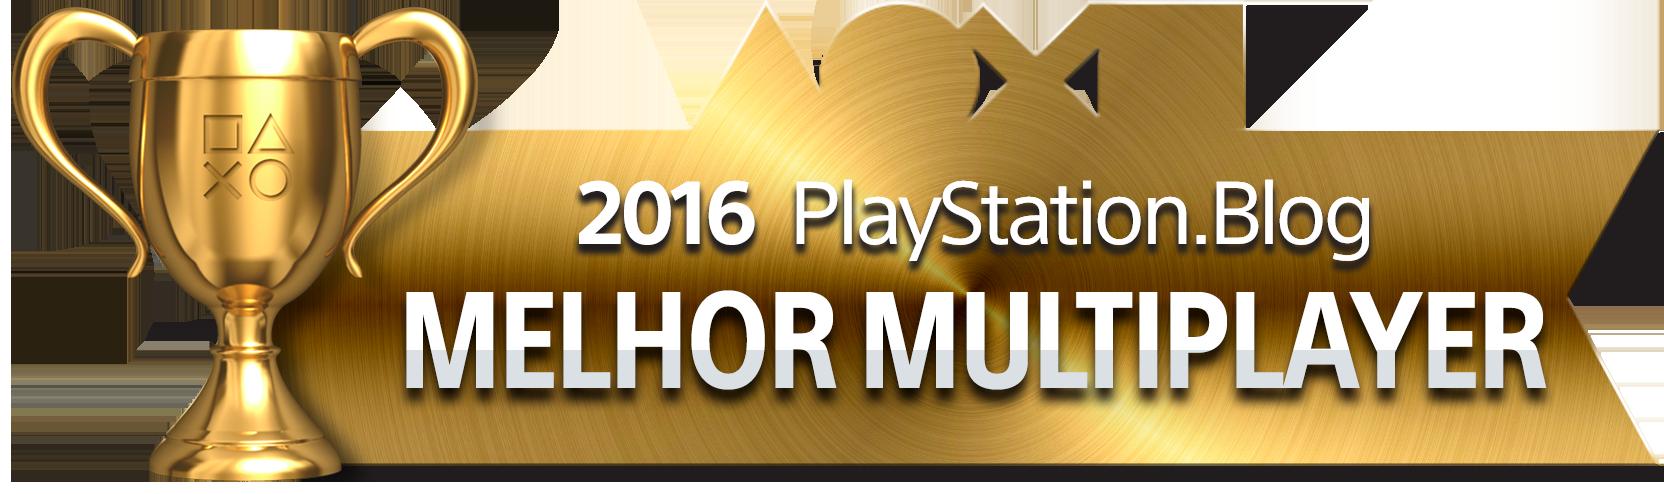 Melhor Multiplayer - Ouro